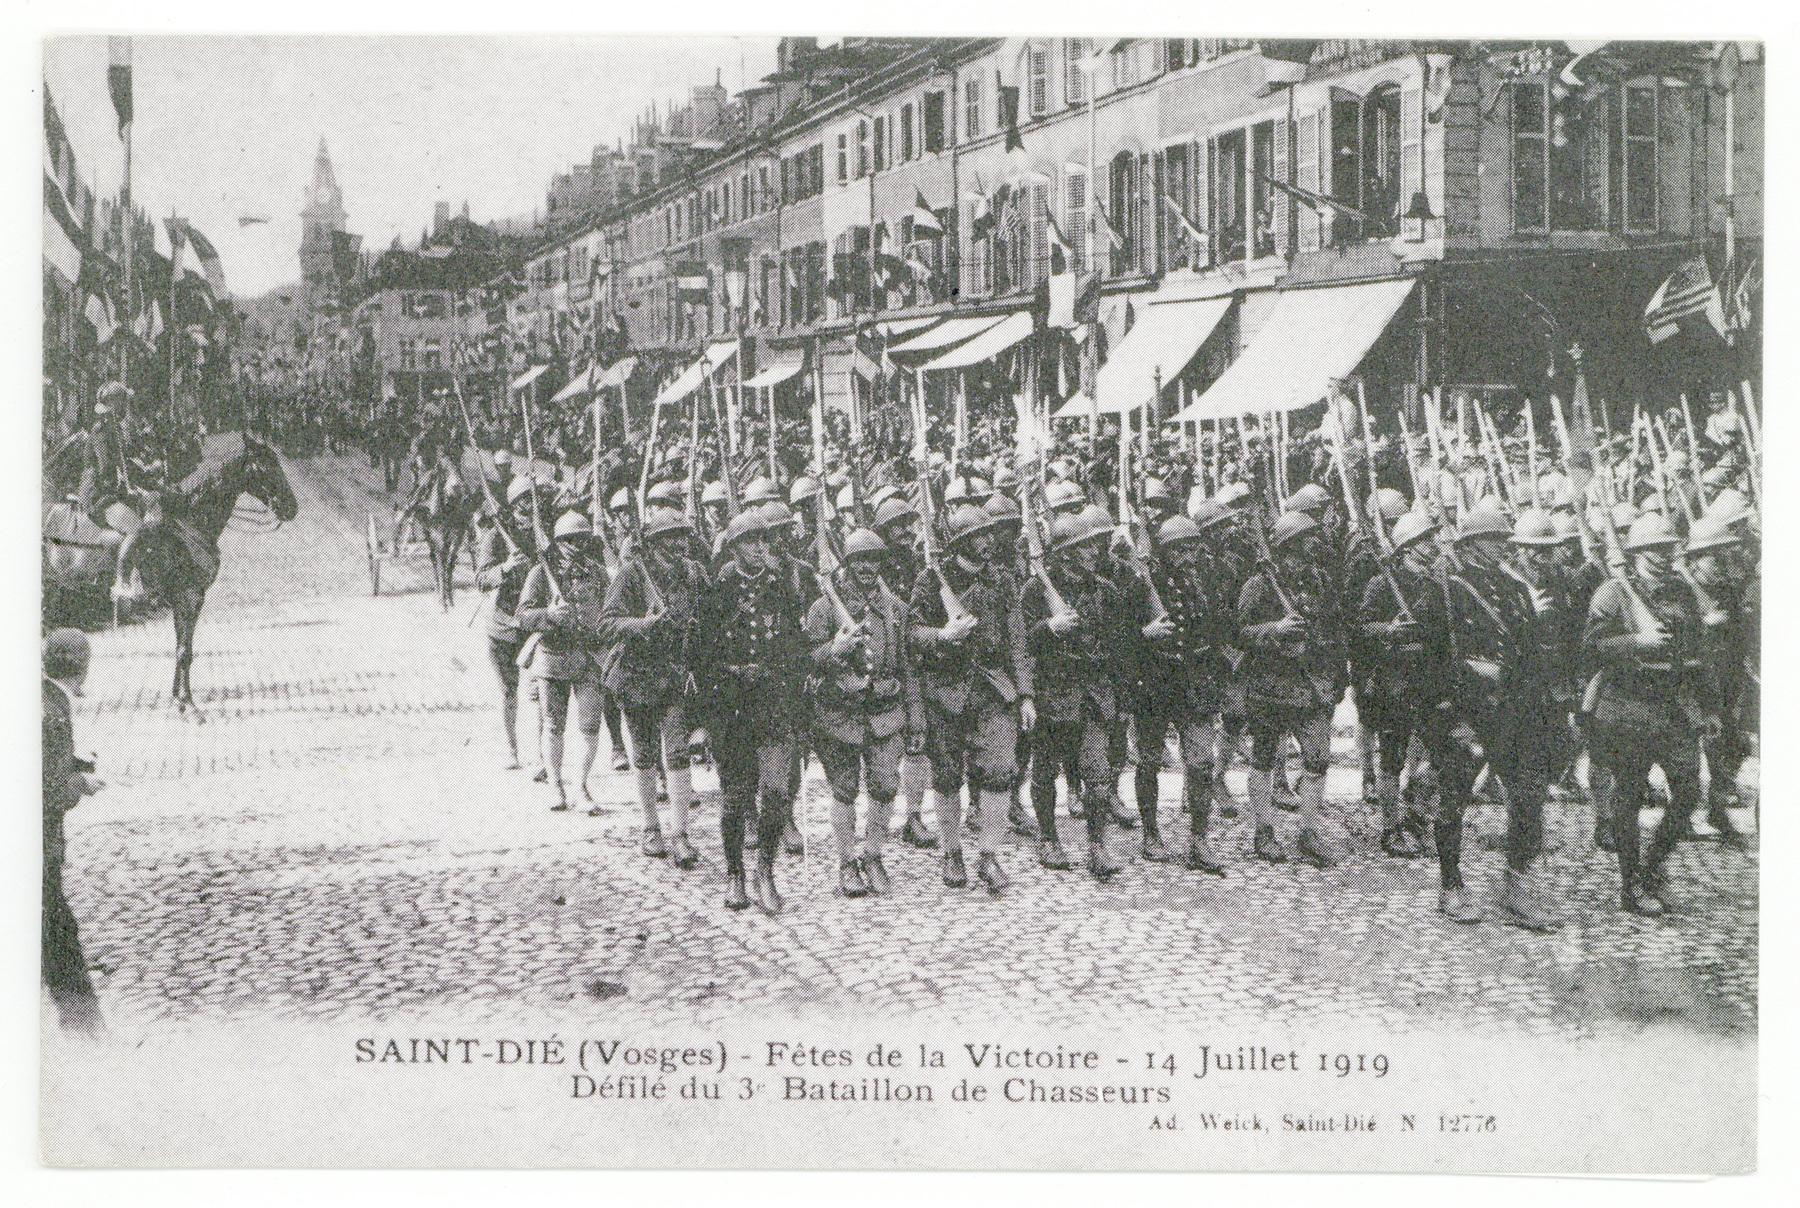 Contenu du Le 14 juillet 1919 à Saint-Dié